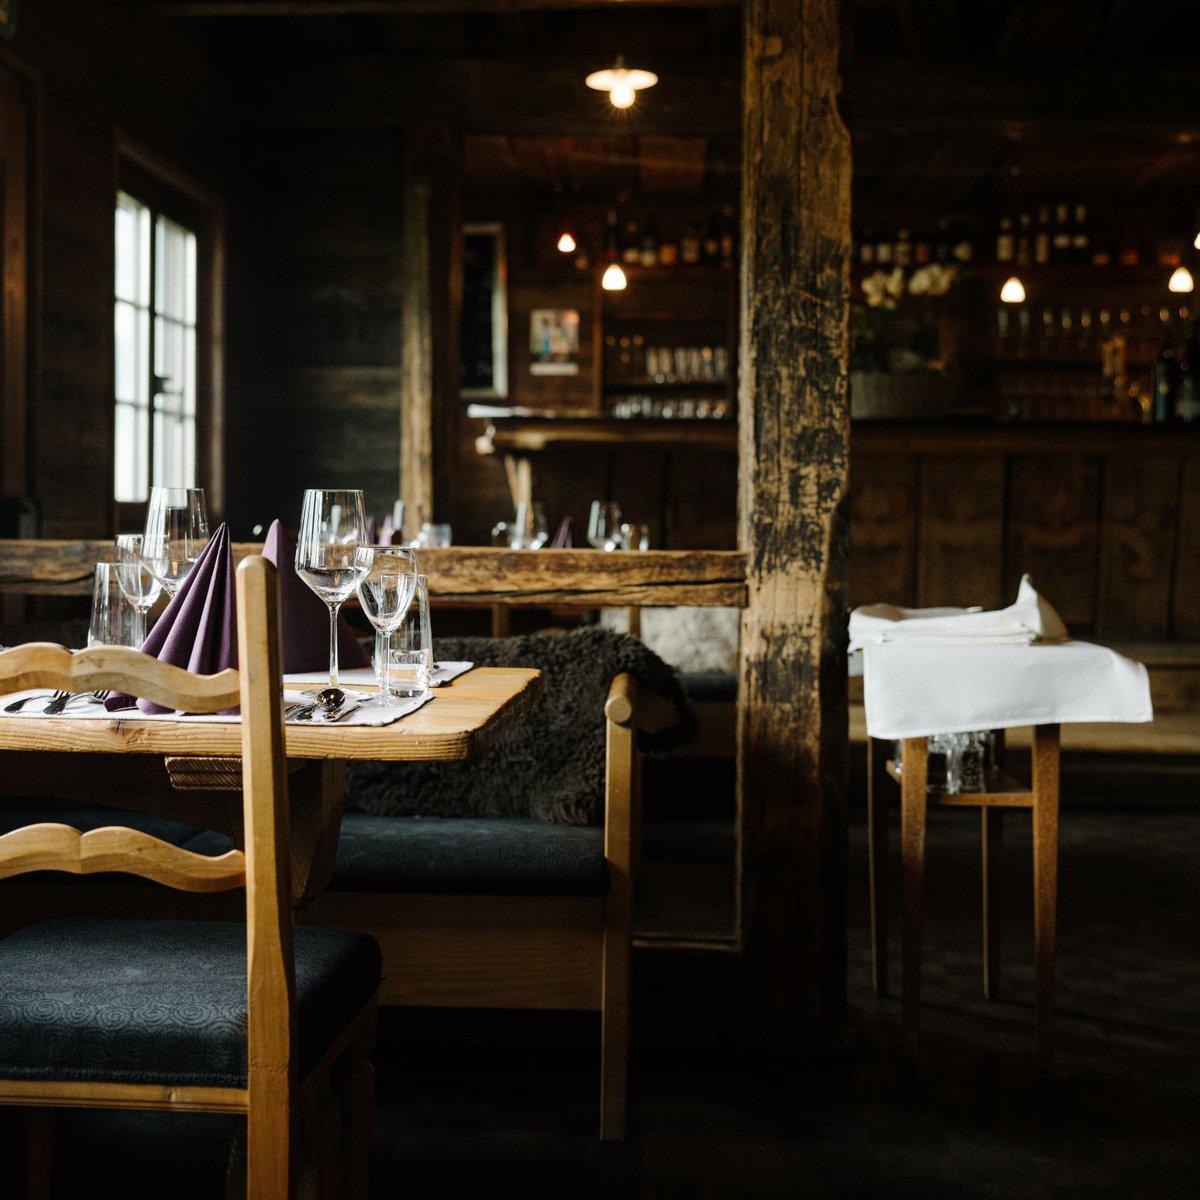 Sitzplatz in der Taverne